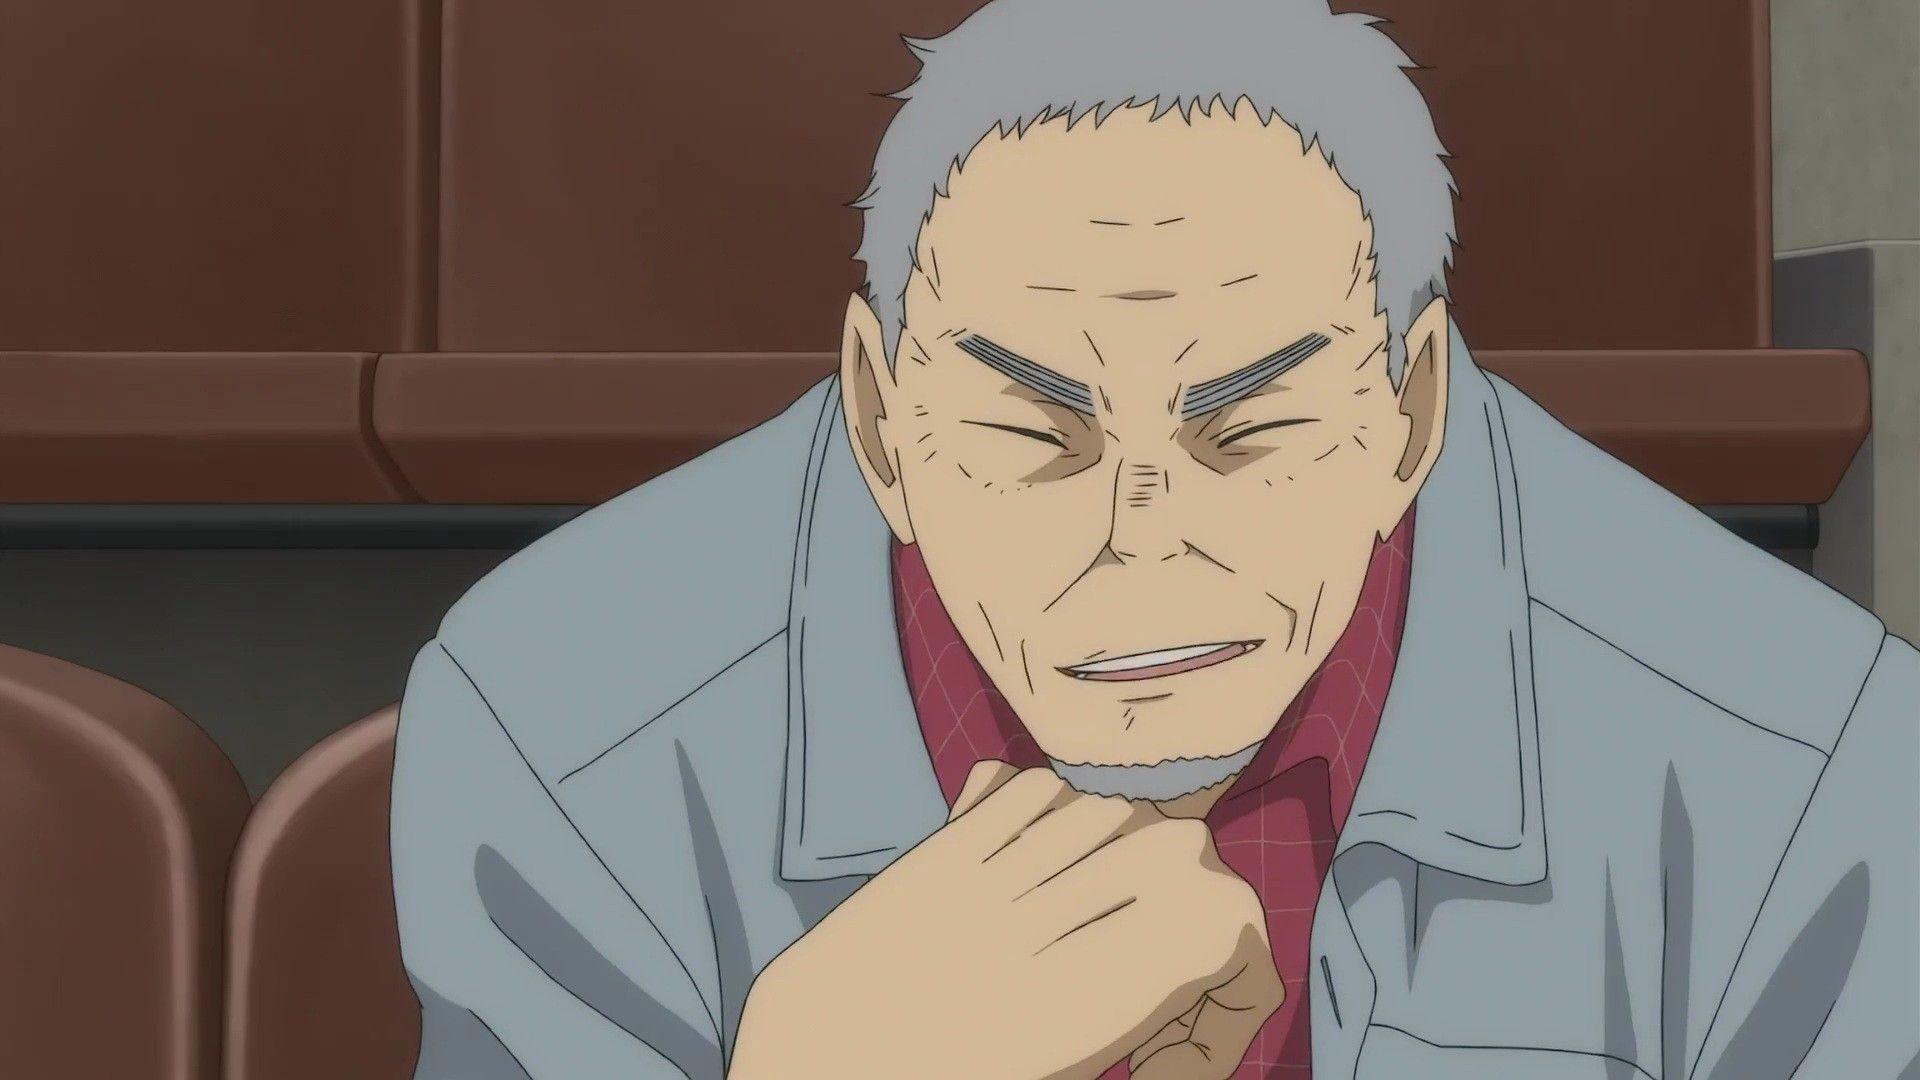 ikke ukai - most hated haikyuu character